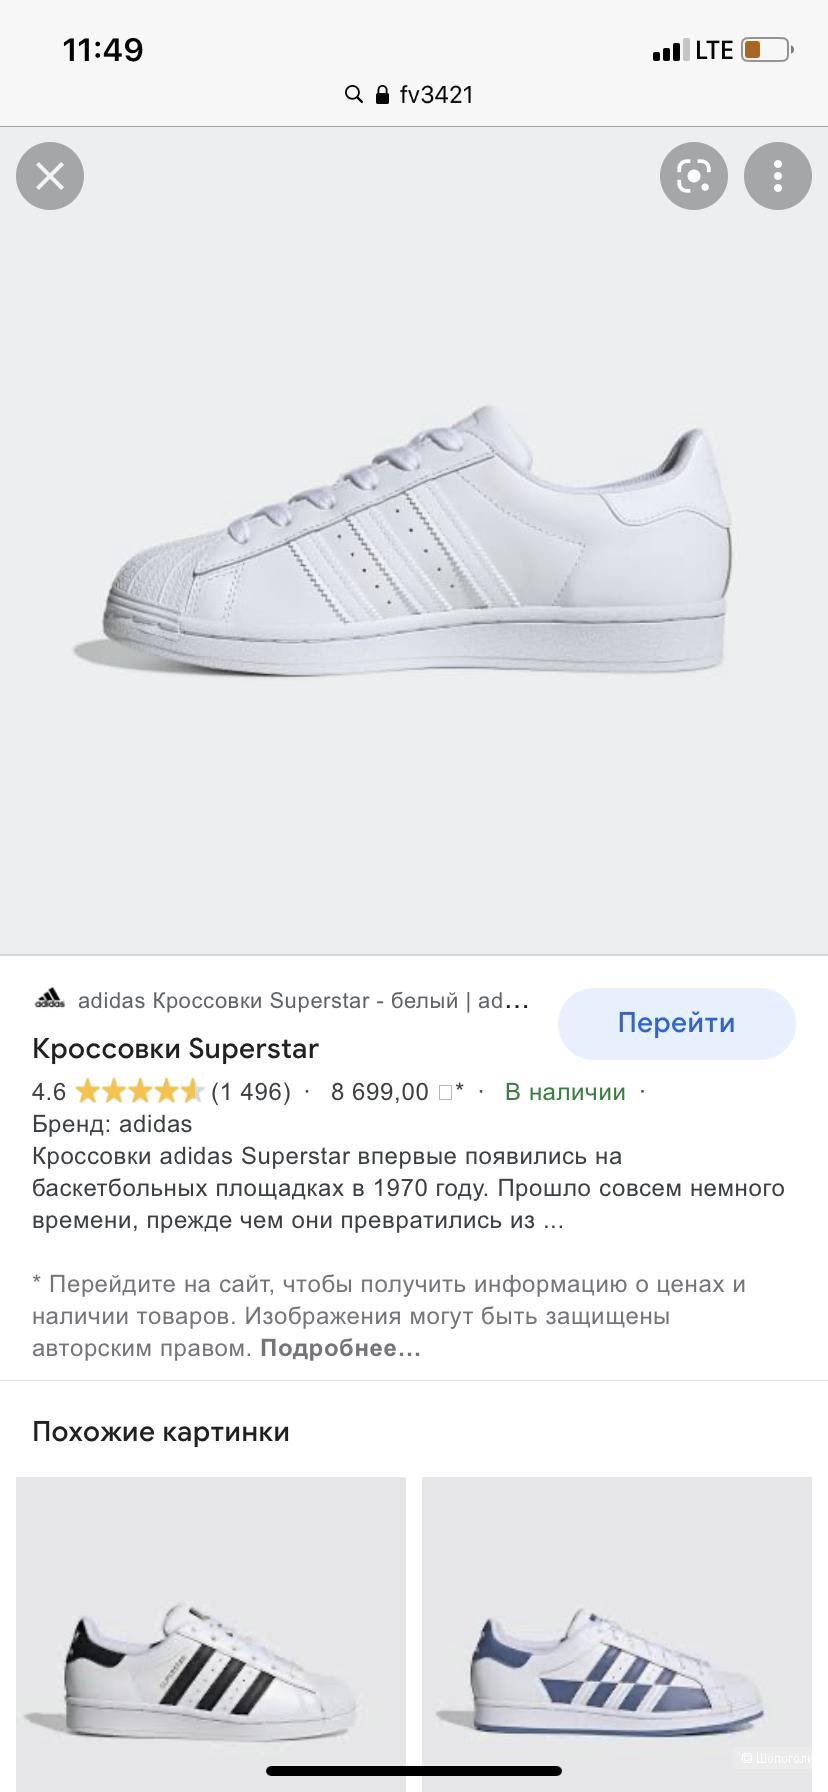 Кеды Adidas Superstar, рр 38